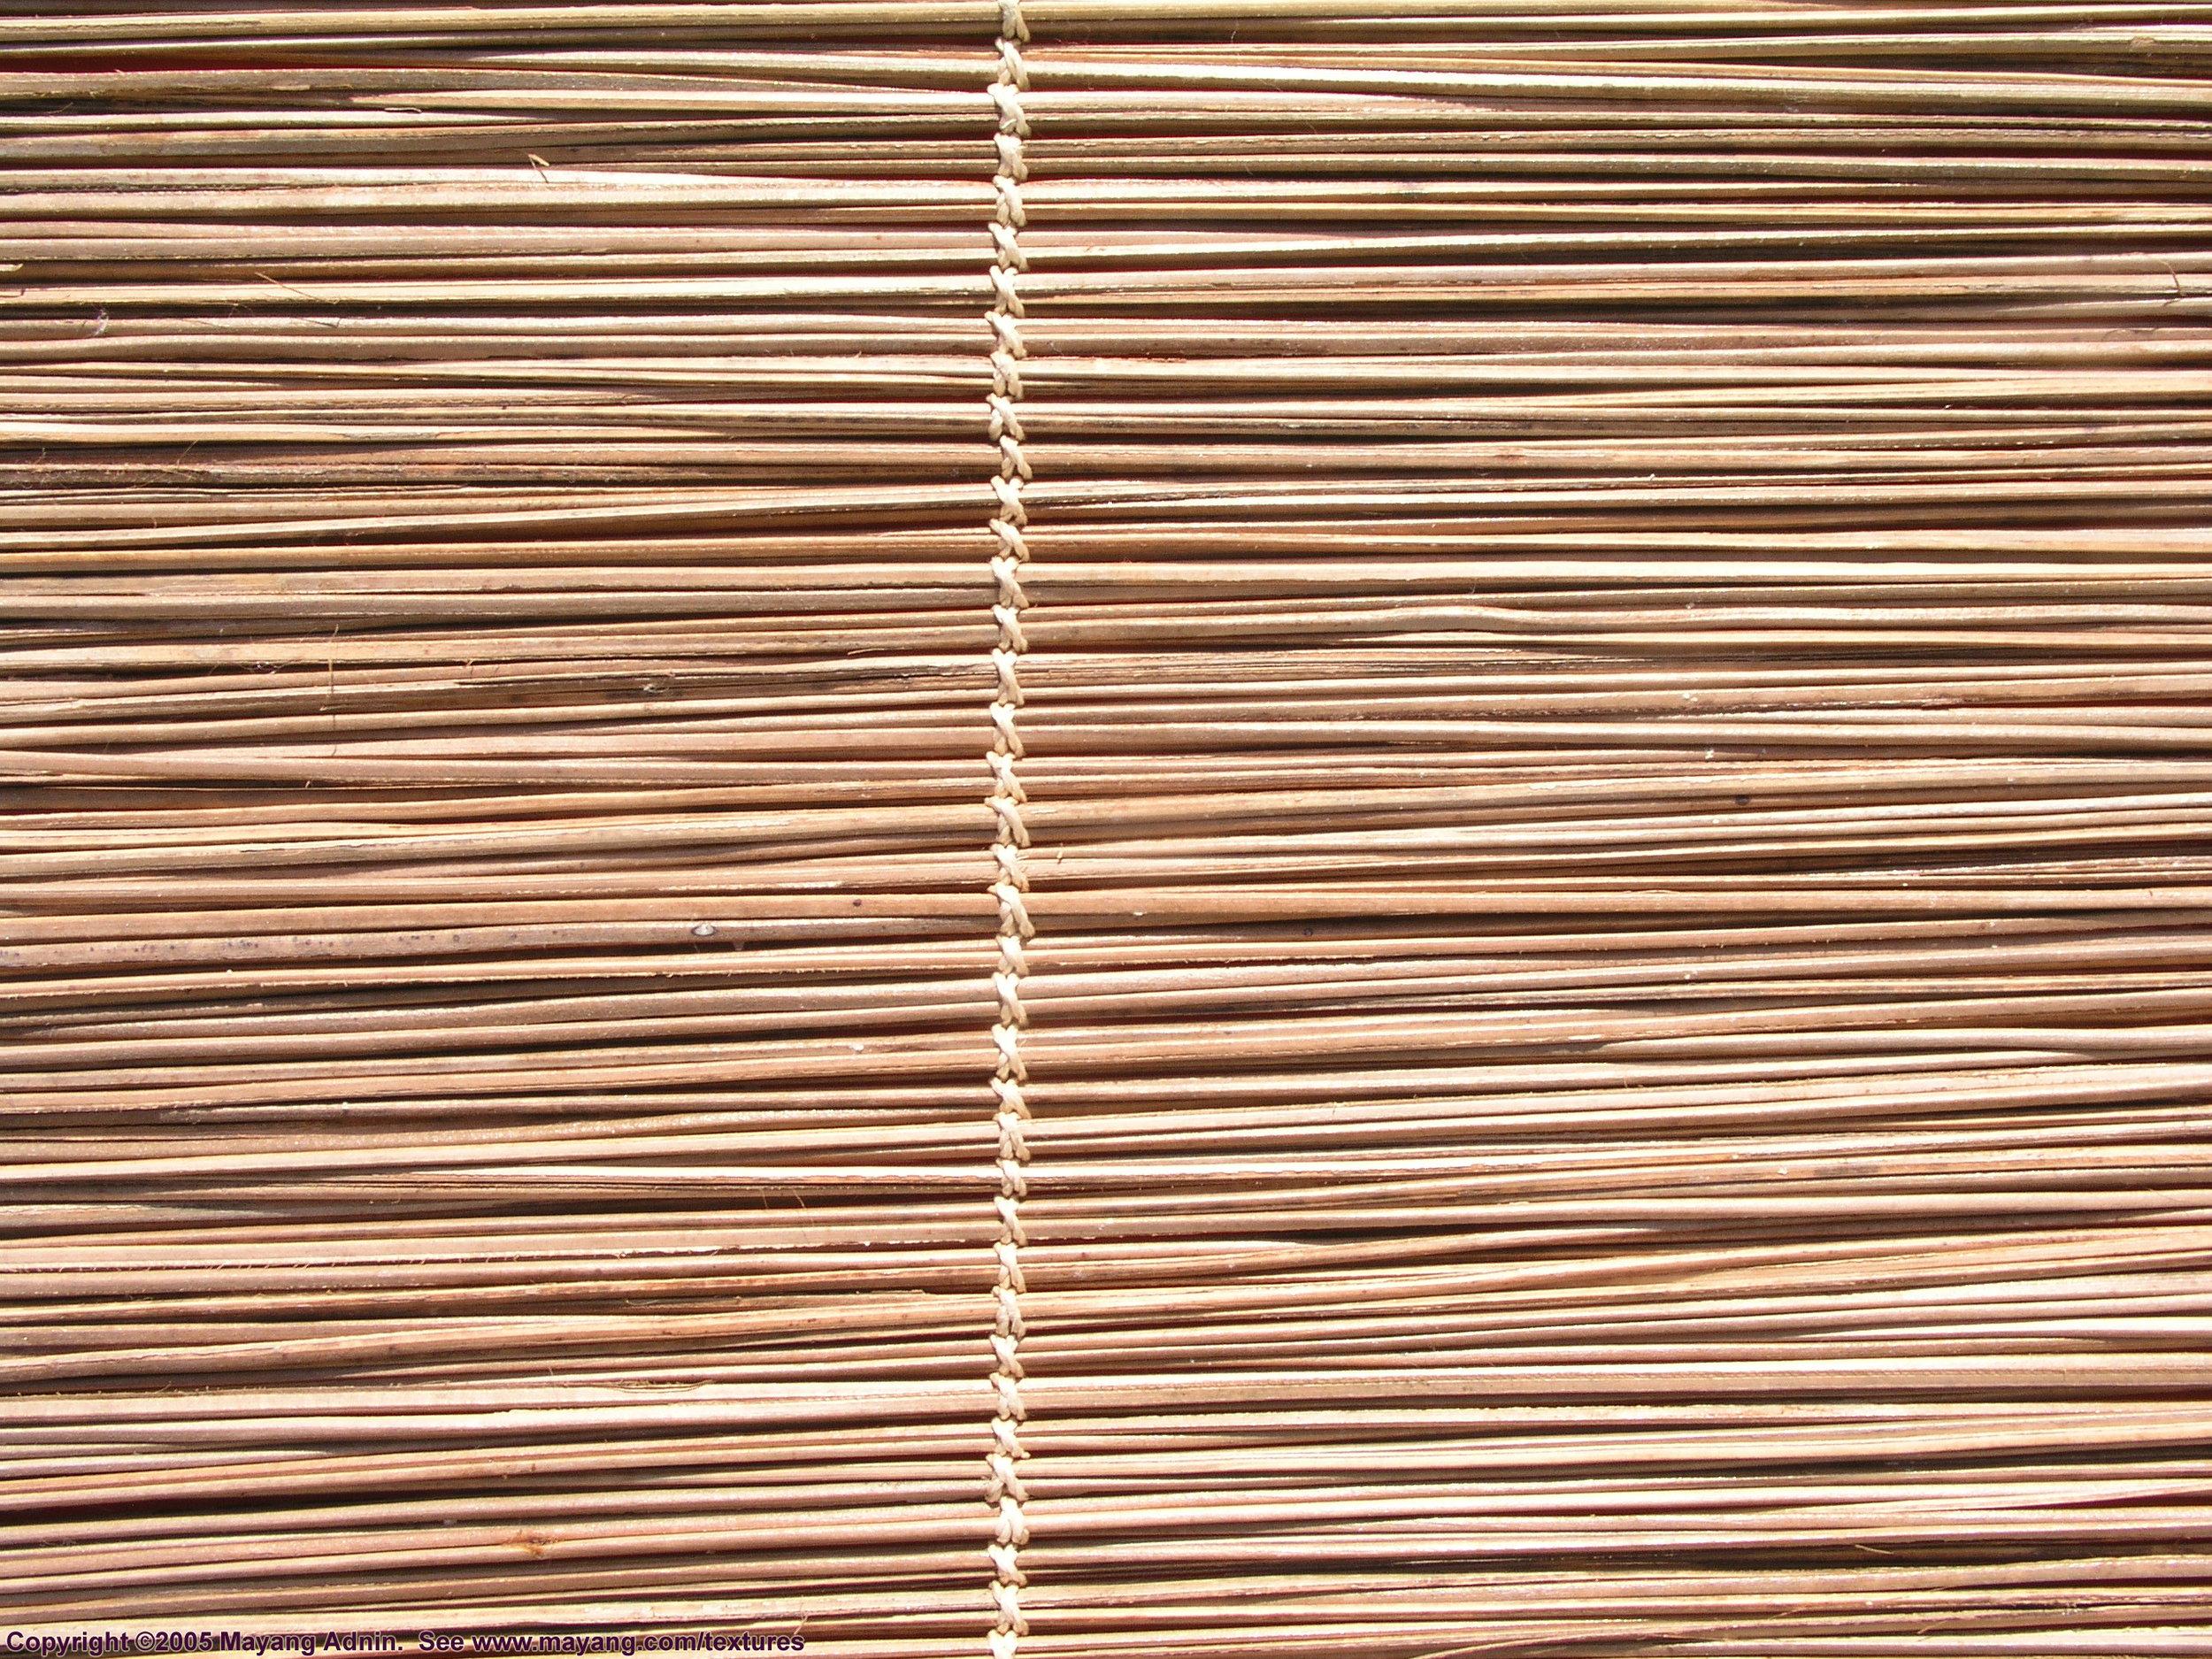 bamboo_mat_9271286.JPG